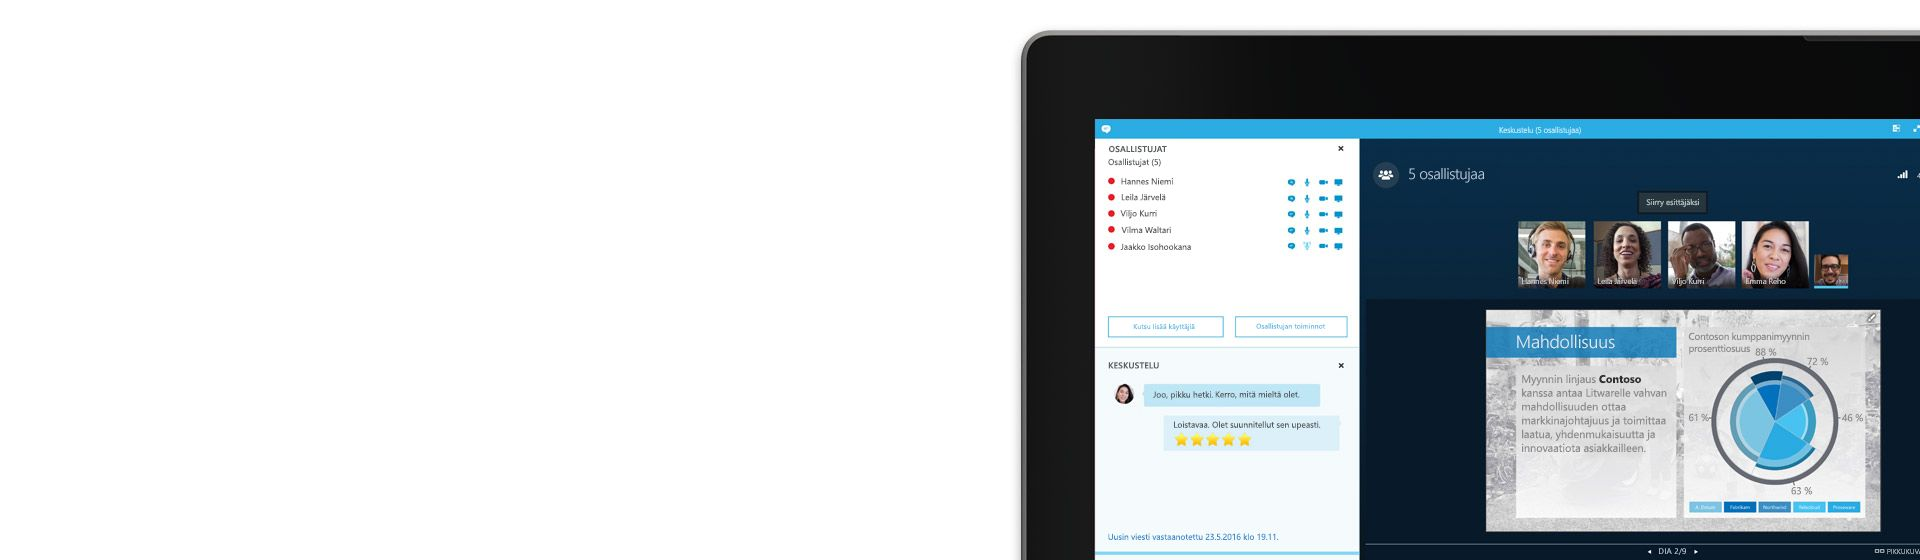 Tietokonenäytön kulma, jossa näkyy verkkokokous ja osallistujaluettelo Skype for Businessissa